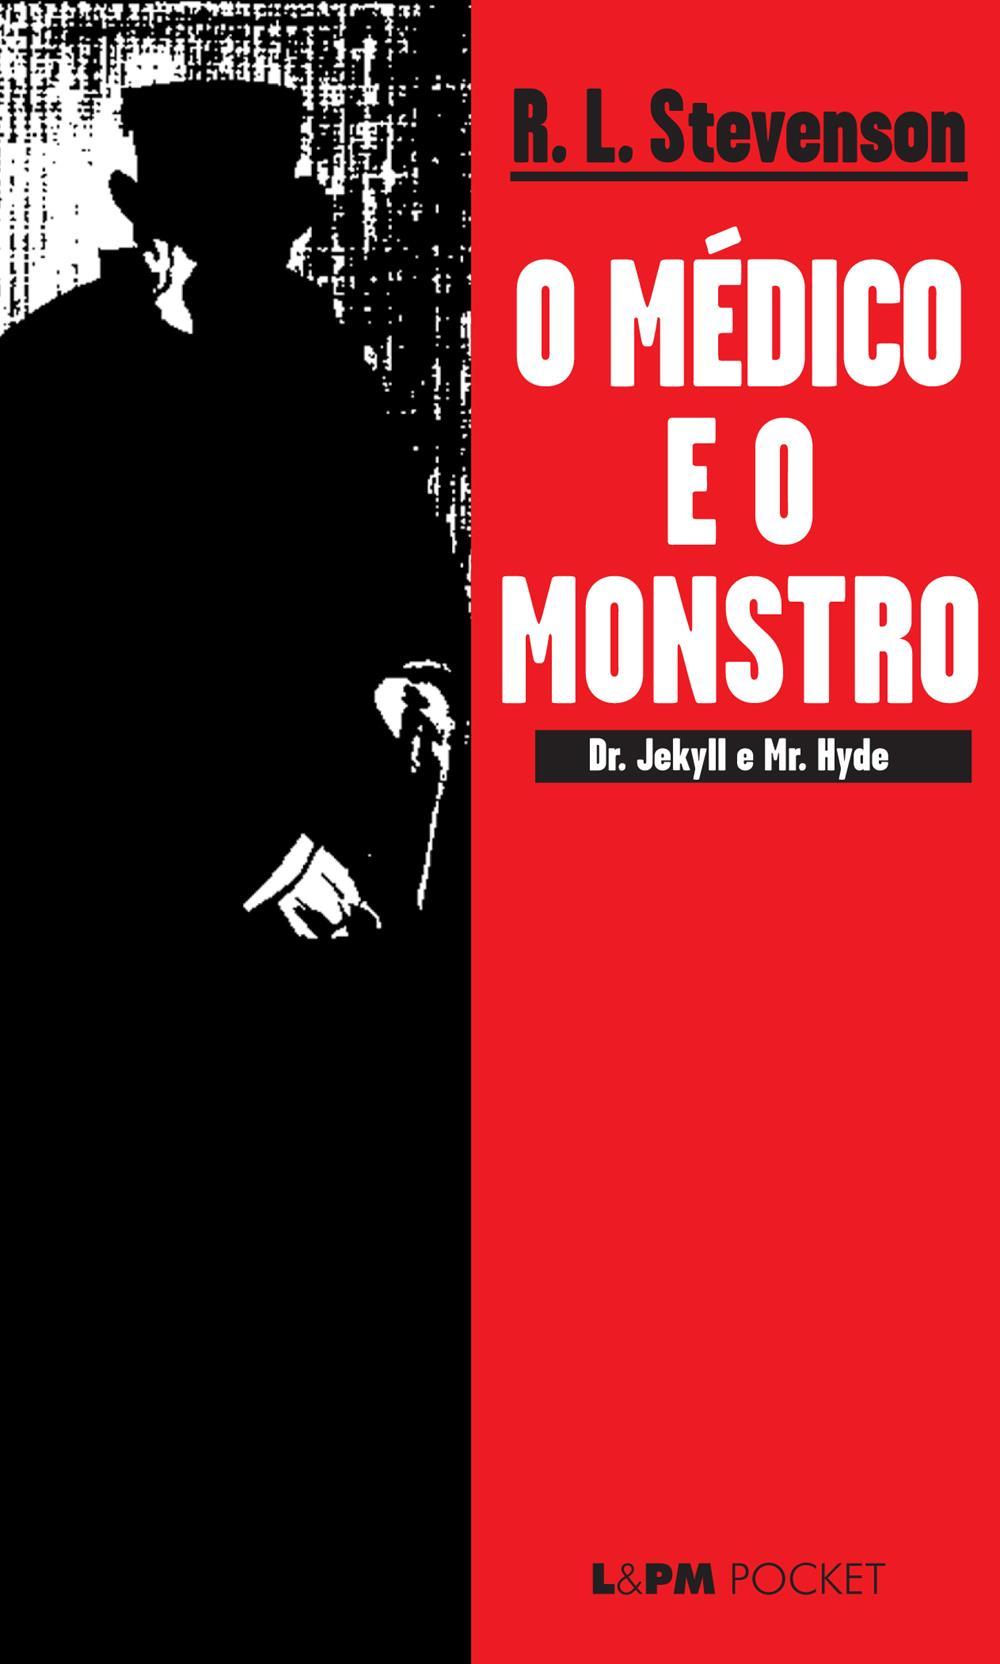 o_medico_e_o_monstro_capa_certa_9788525411235_hd (Copy)